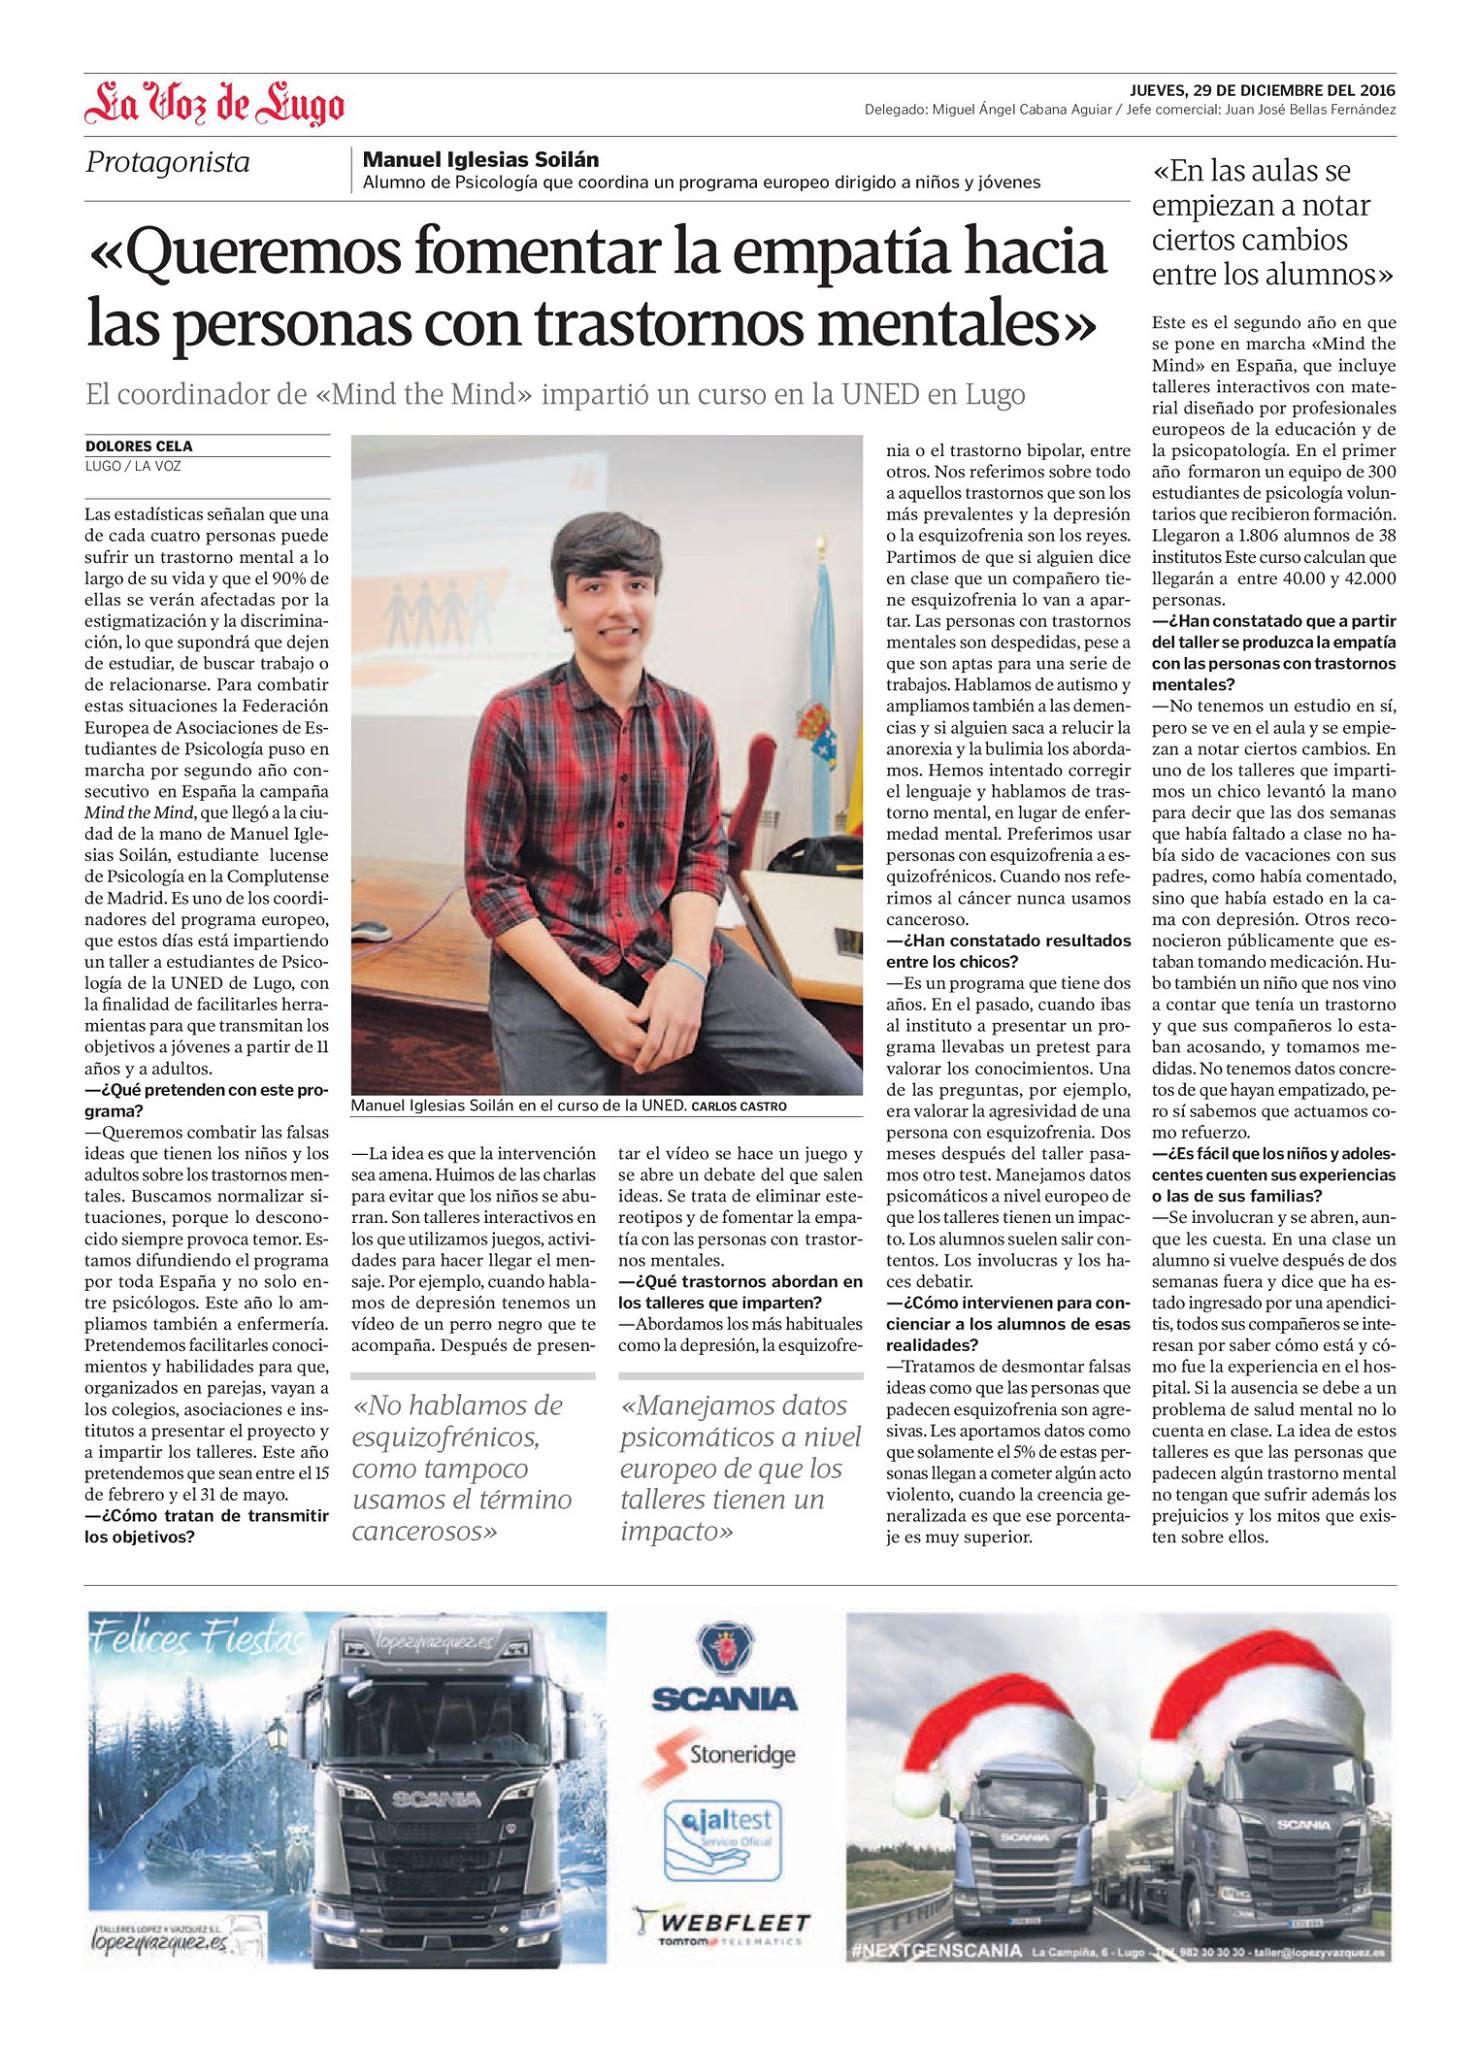 """Entrevista en el periódico """"La Voz de Galicia"""" 29/12/2016."""